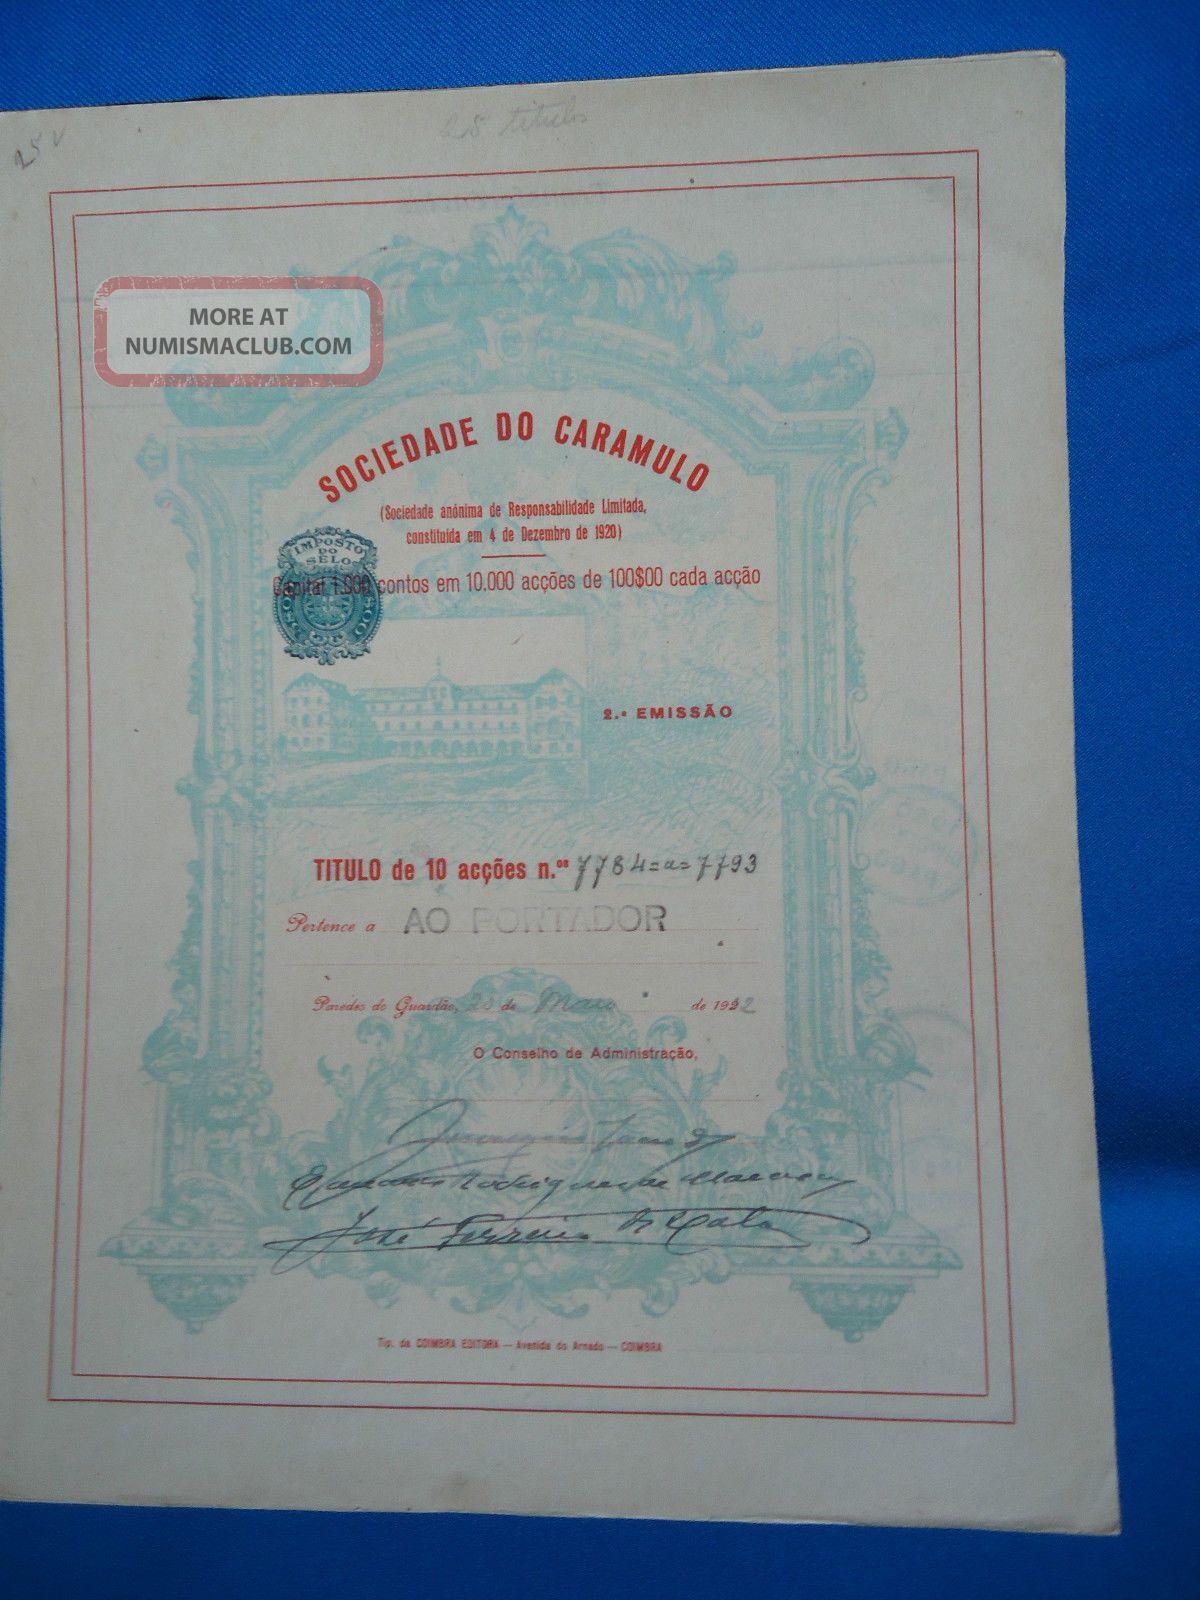 Portugal Share Sociedade Do Caramulo 2 EmiÇÃo 100 Escudos 1932 Look Scans World photo